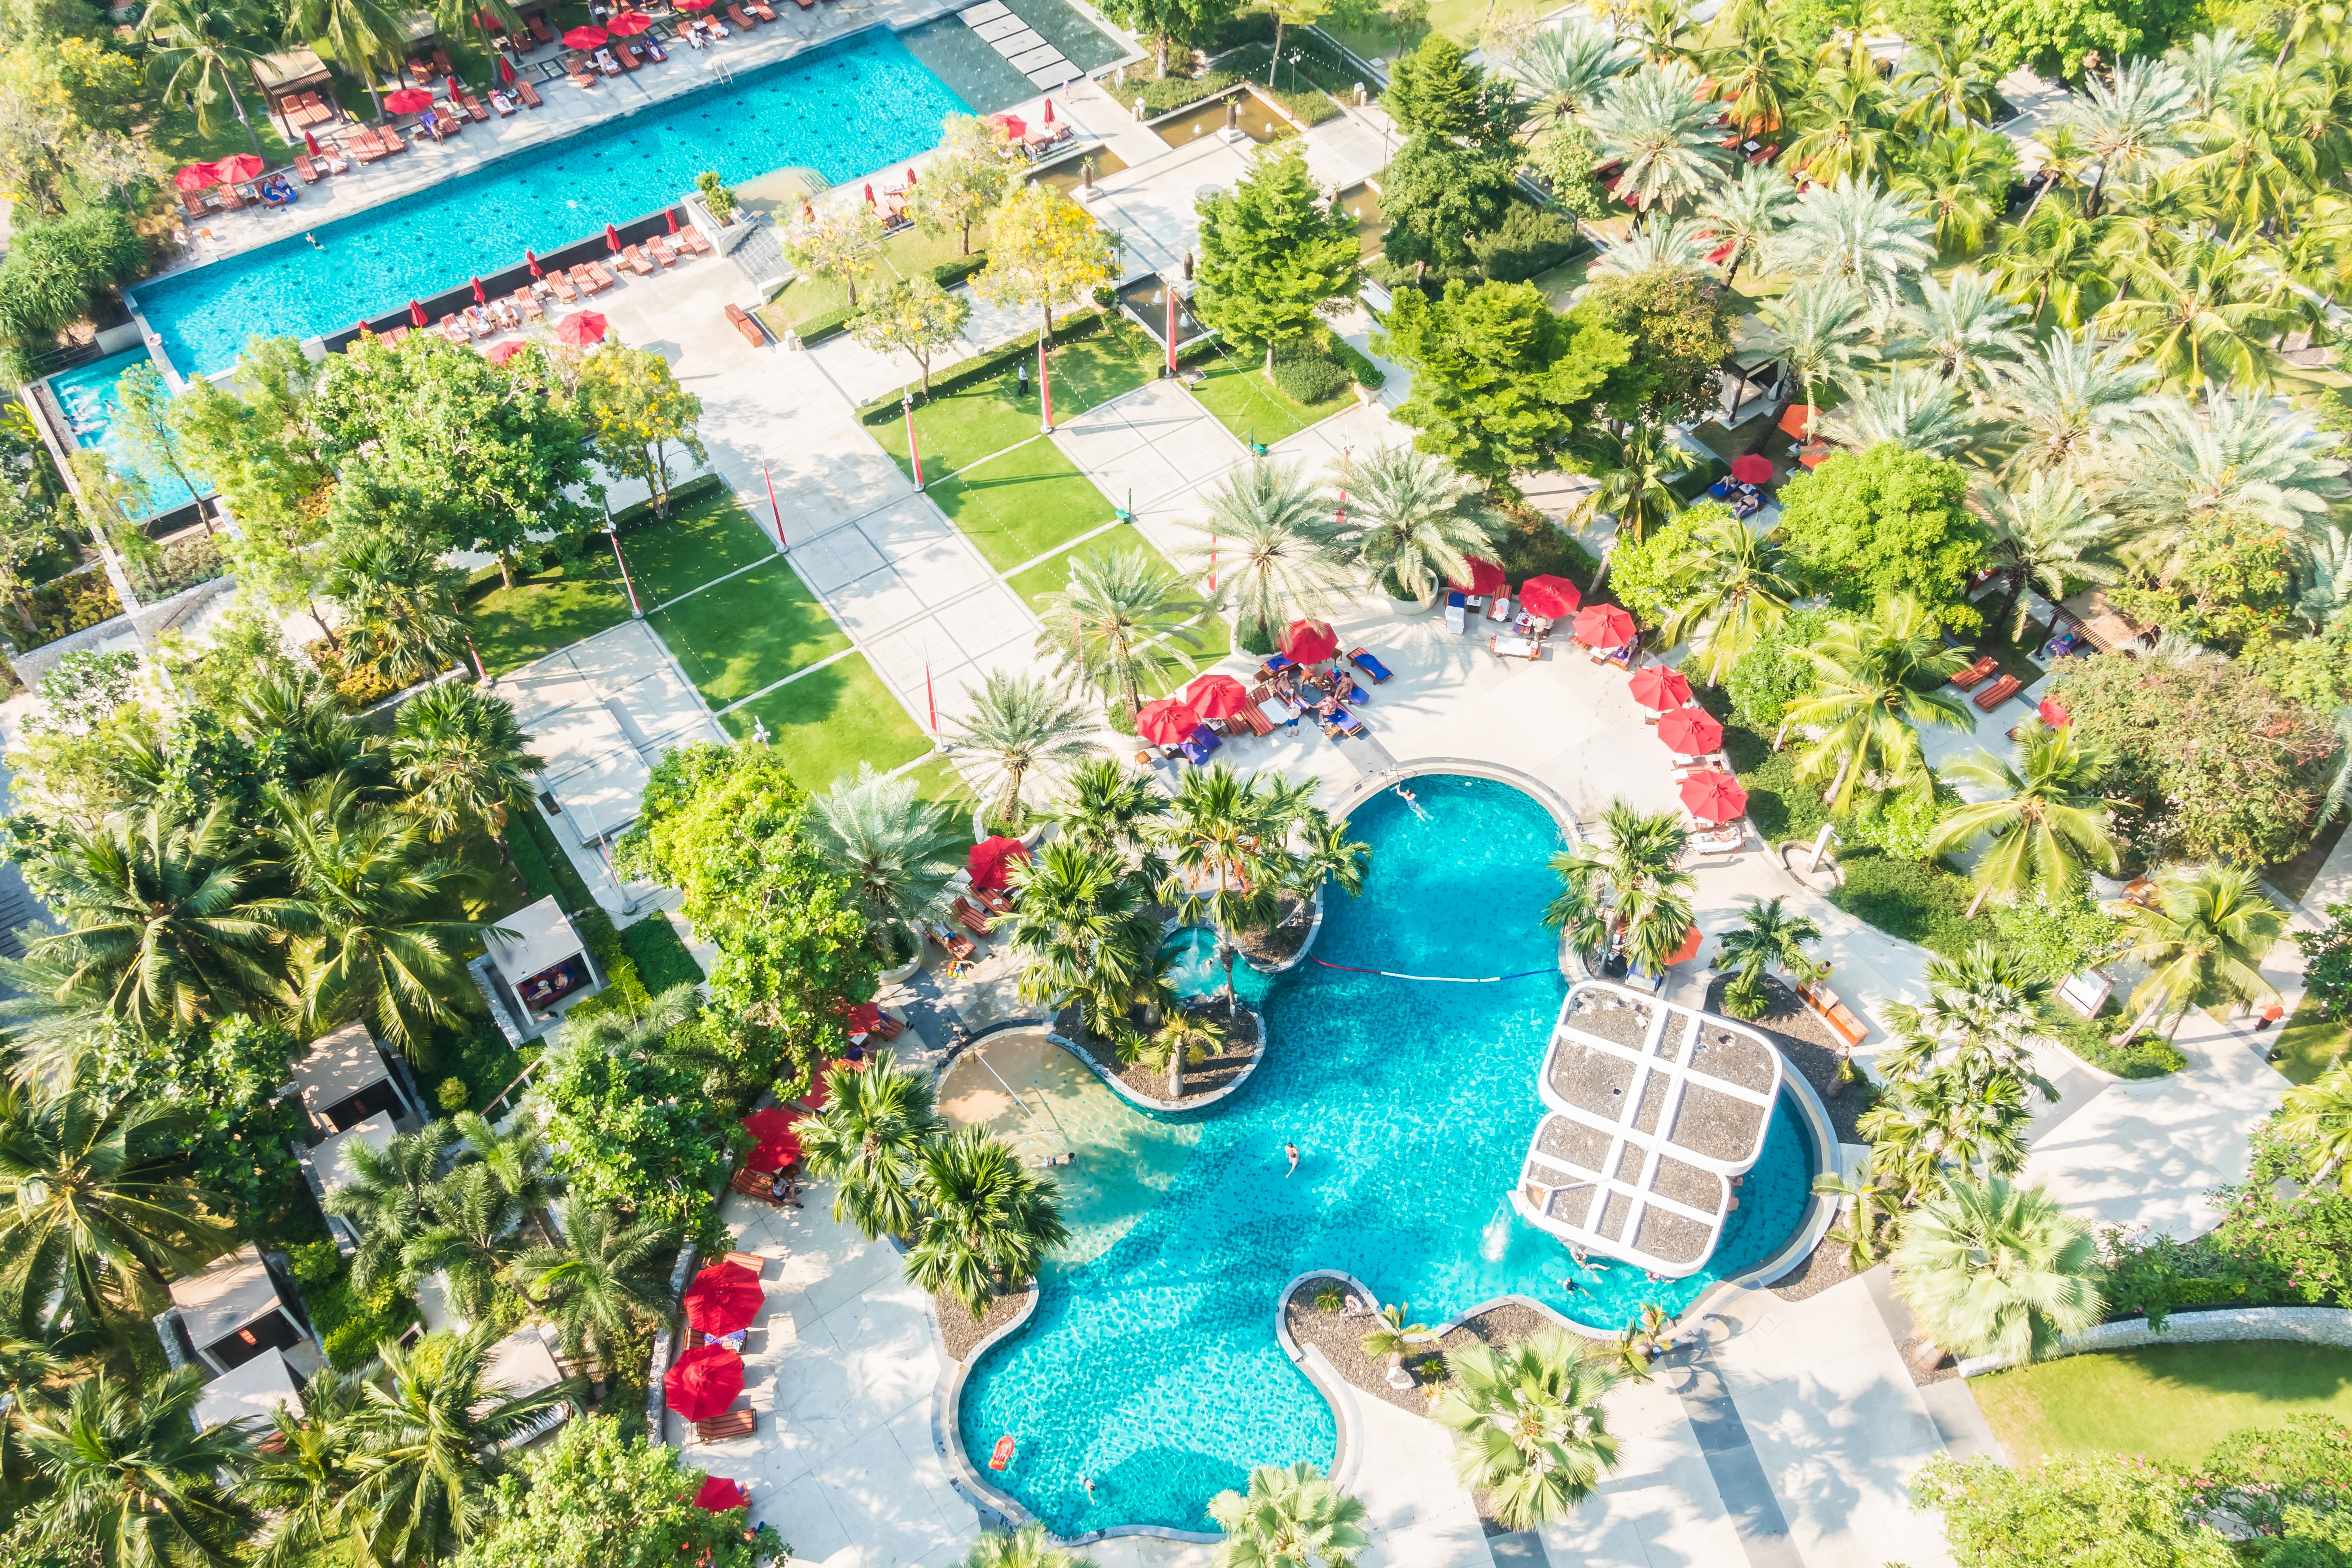 aerial-view-pool (1).jpg